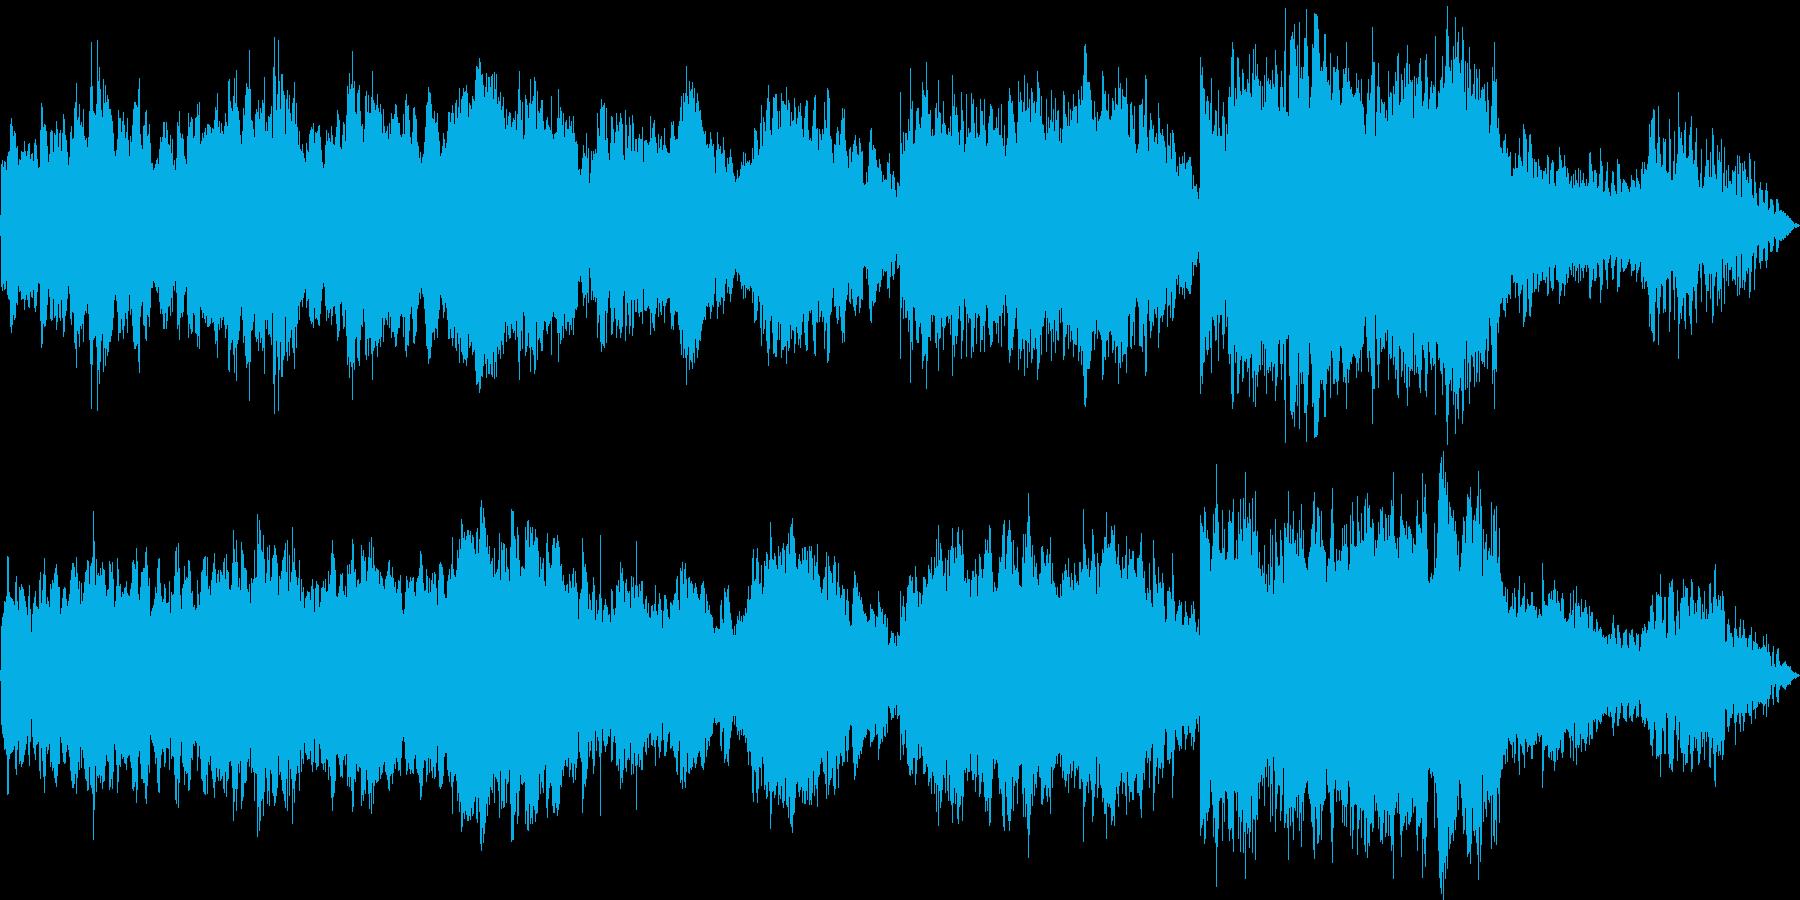 しっとりとした抒情的なバラードの再生済みの波形